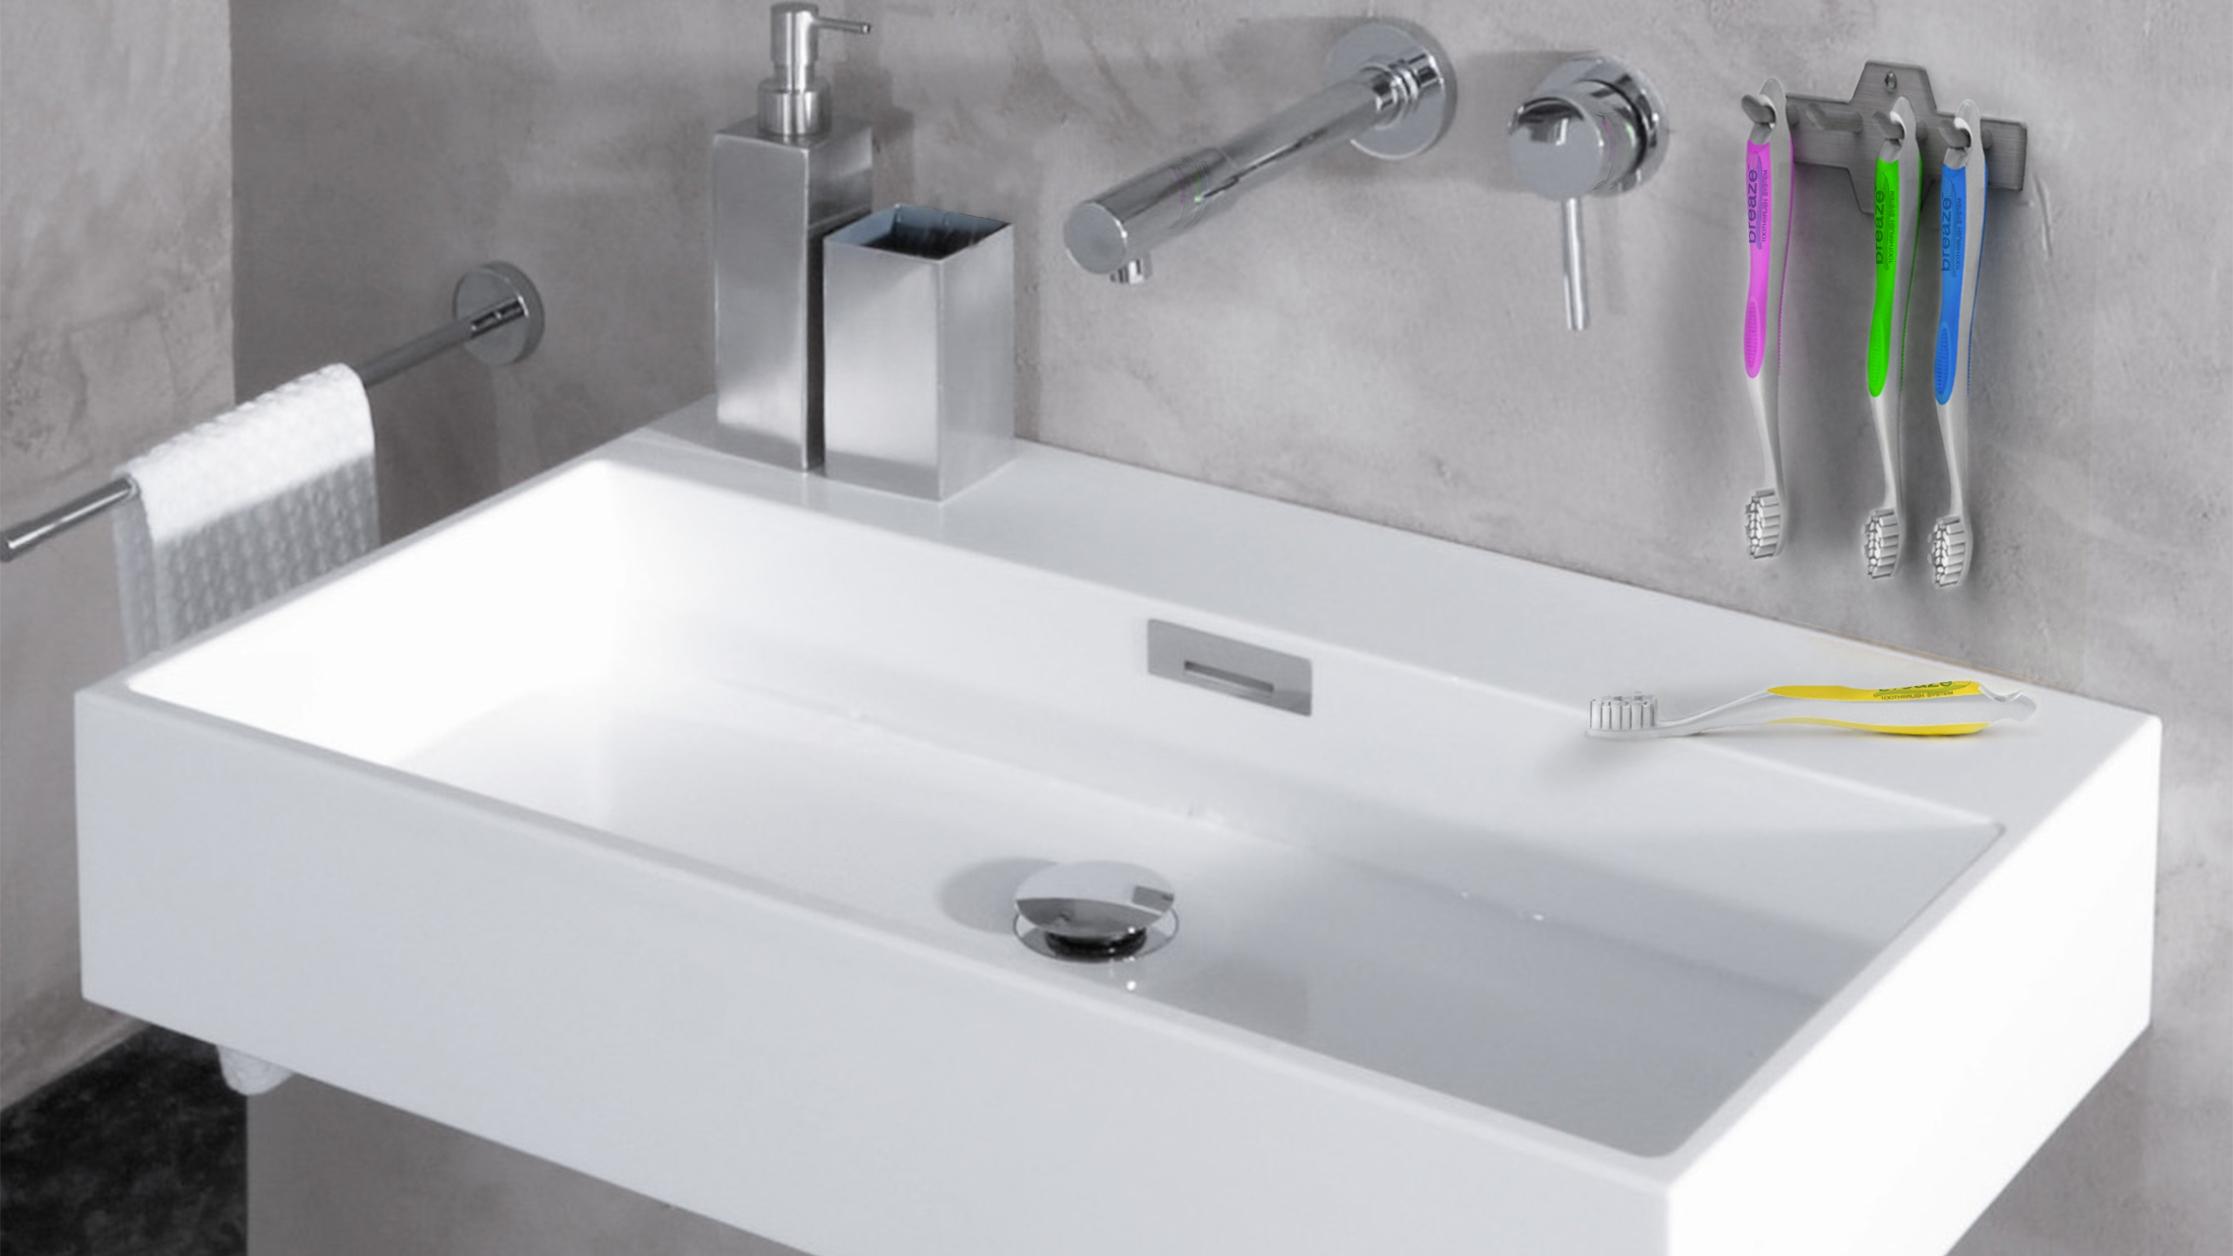 Sink Rendering copy.jpg